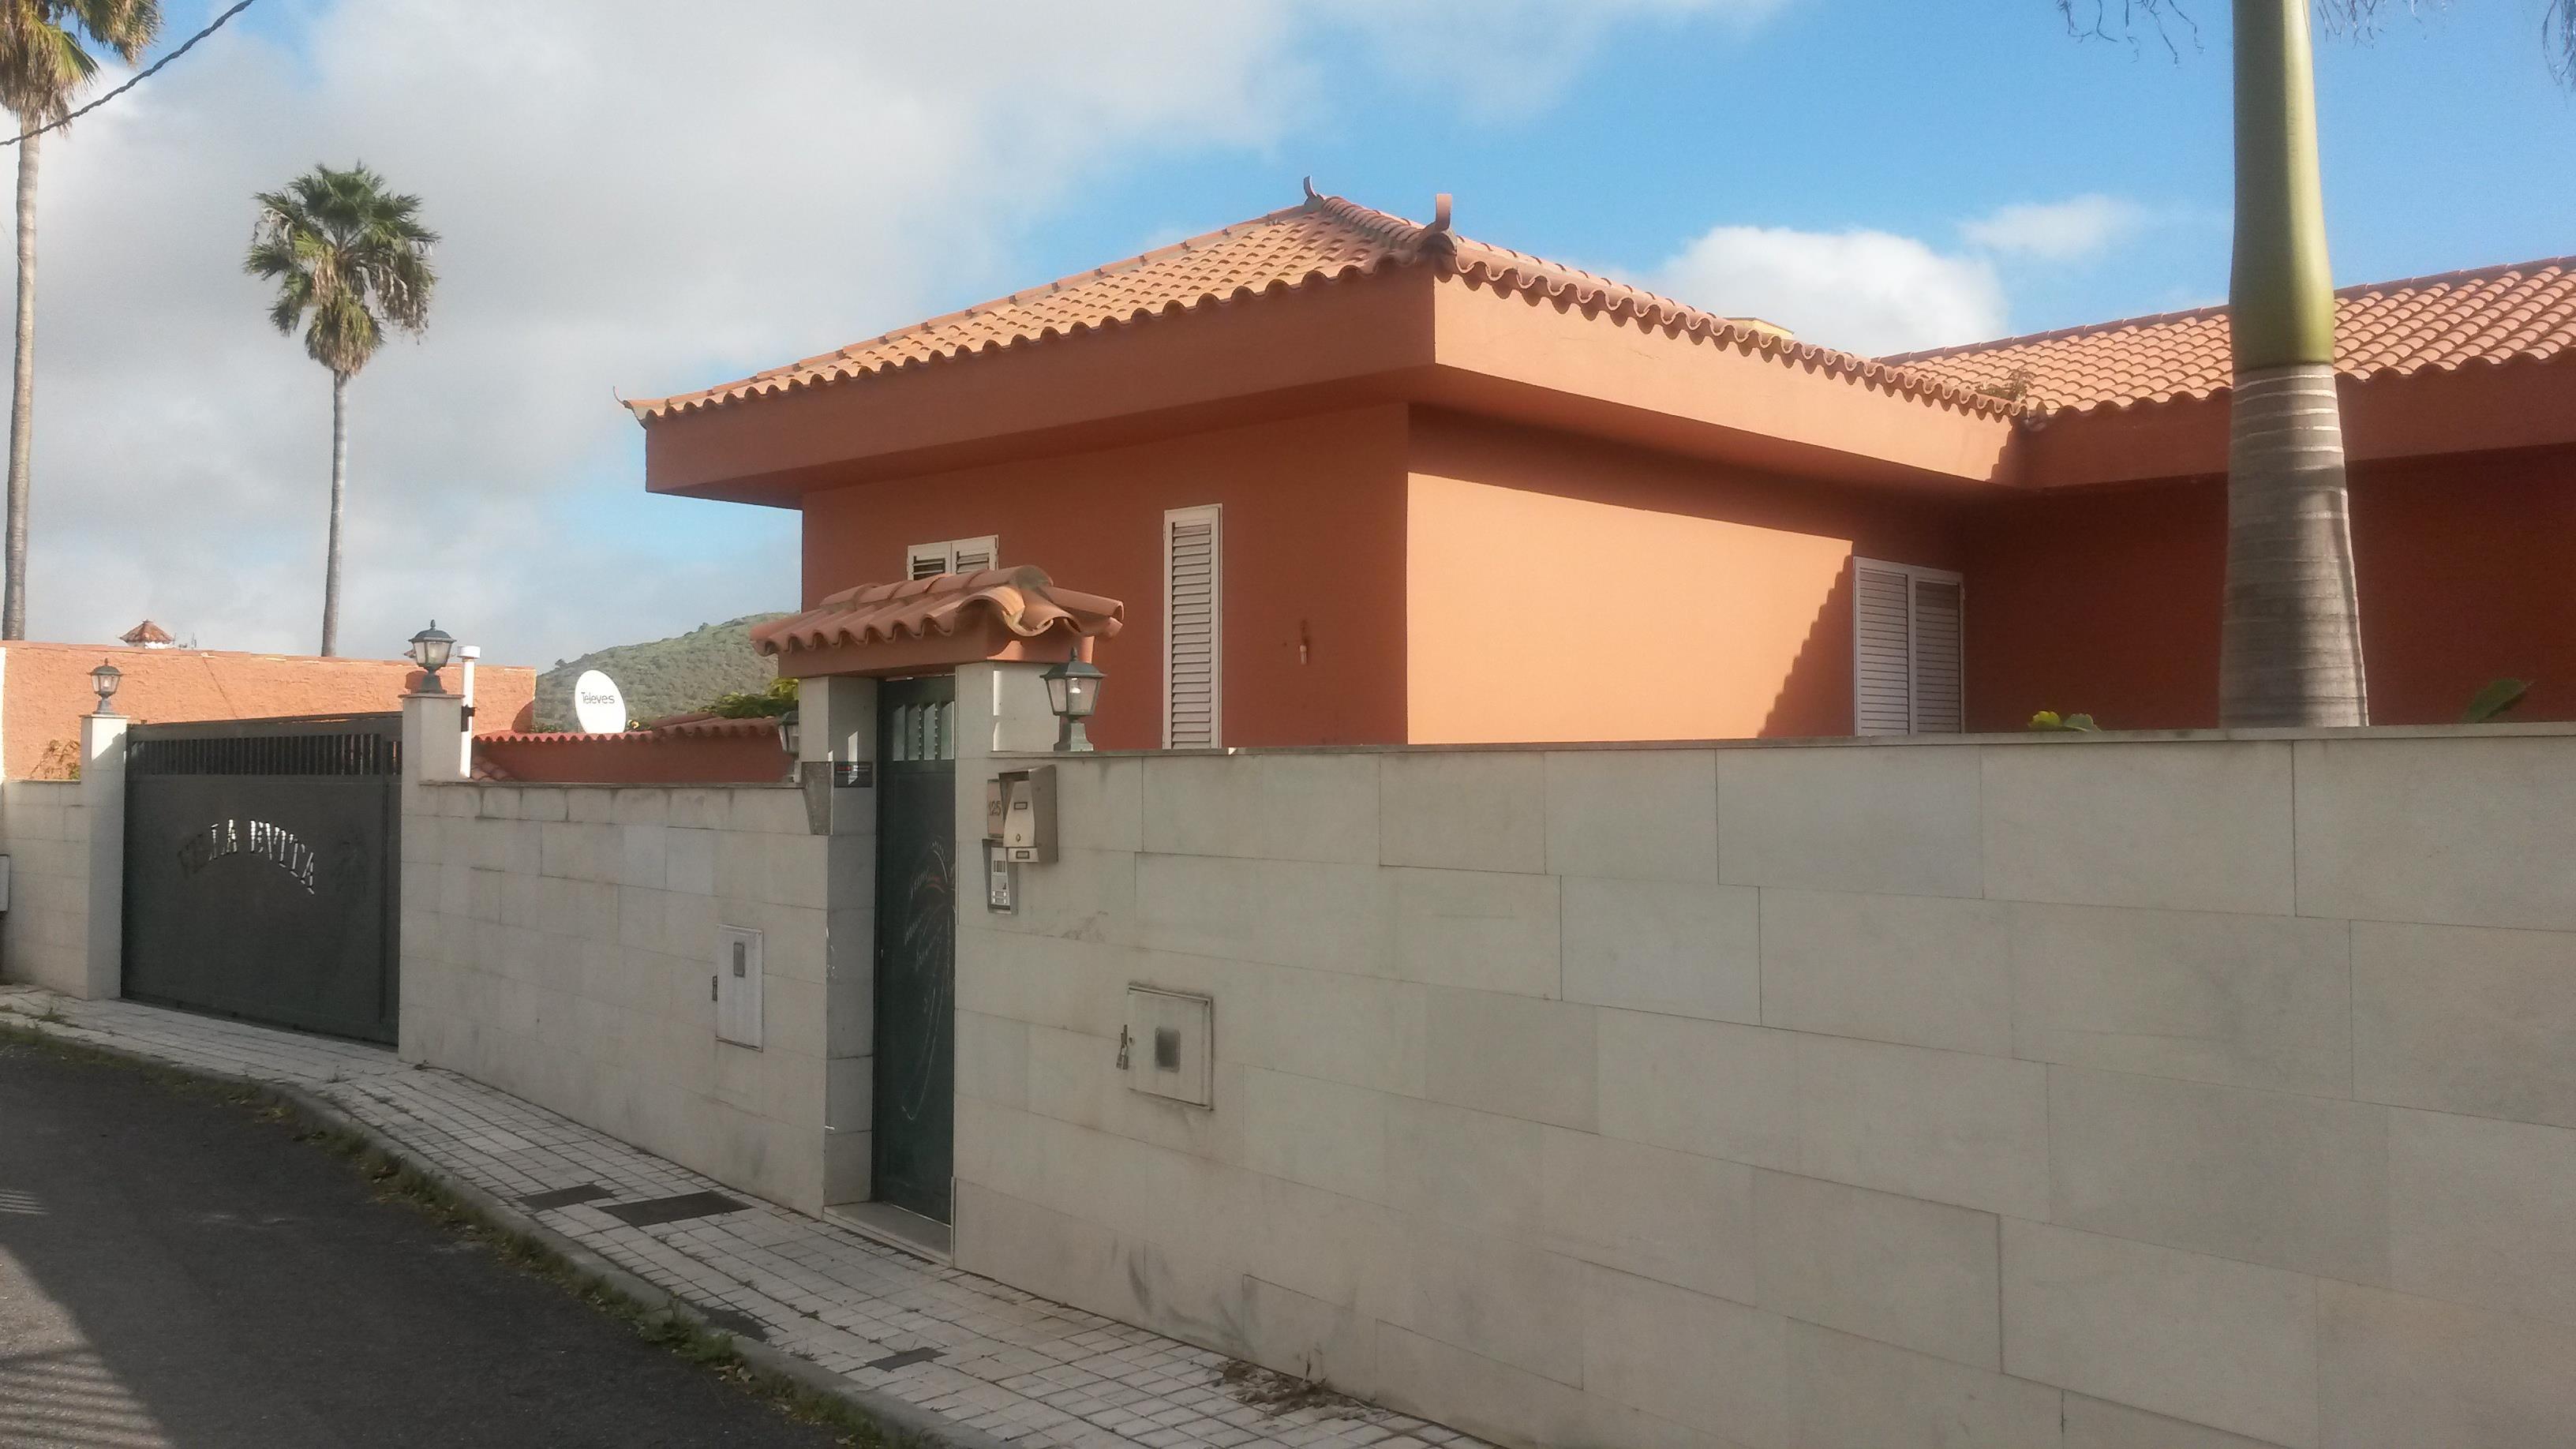 Casas Embargadas En Las Palmas De Gran Canaria Casas En Las Palmas